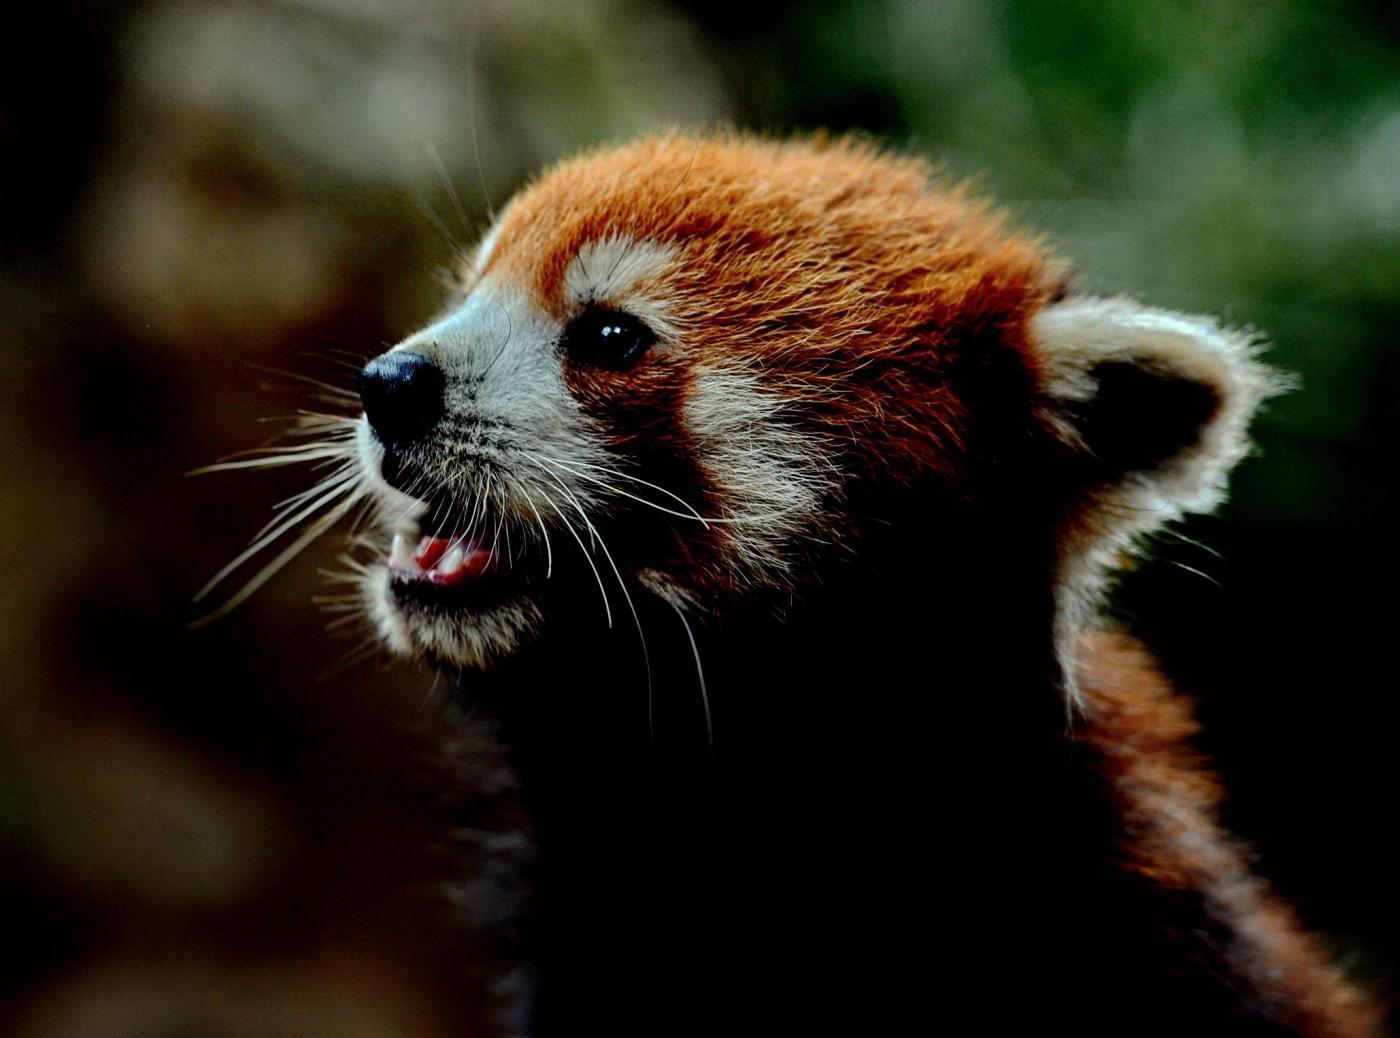 I tre panda rossi regalati dalla Cina allo zoo di Taipei03